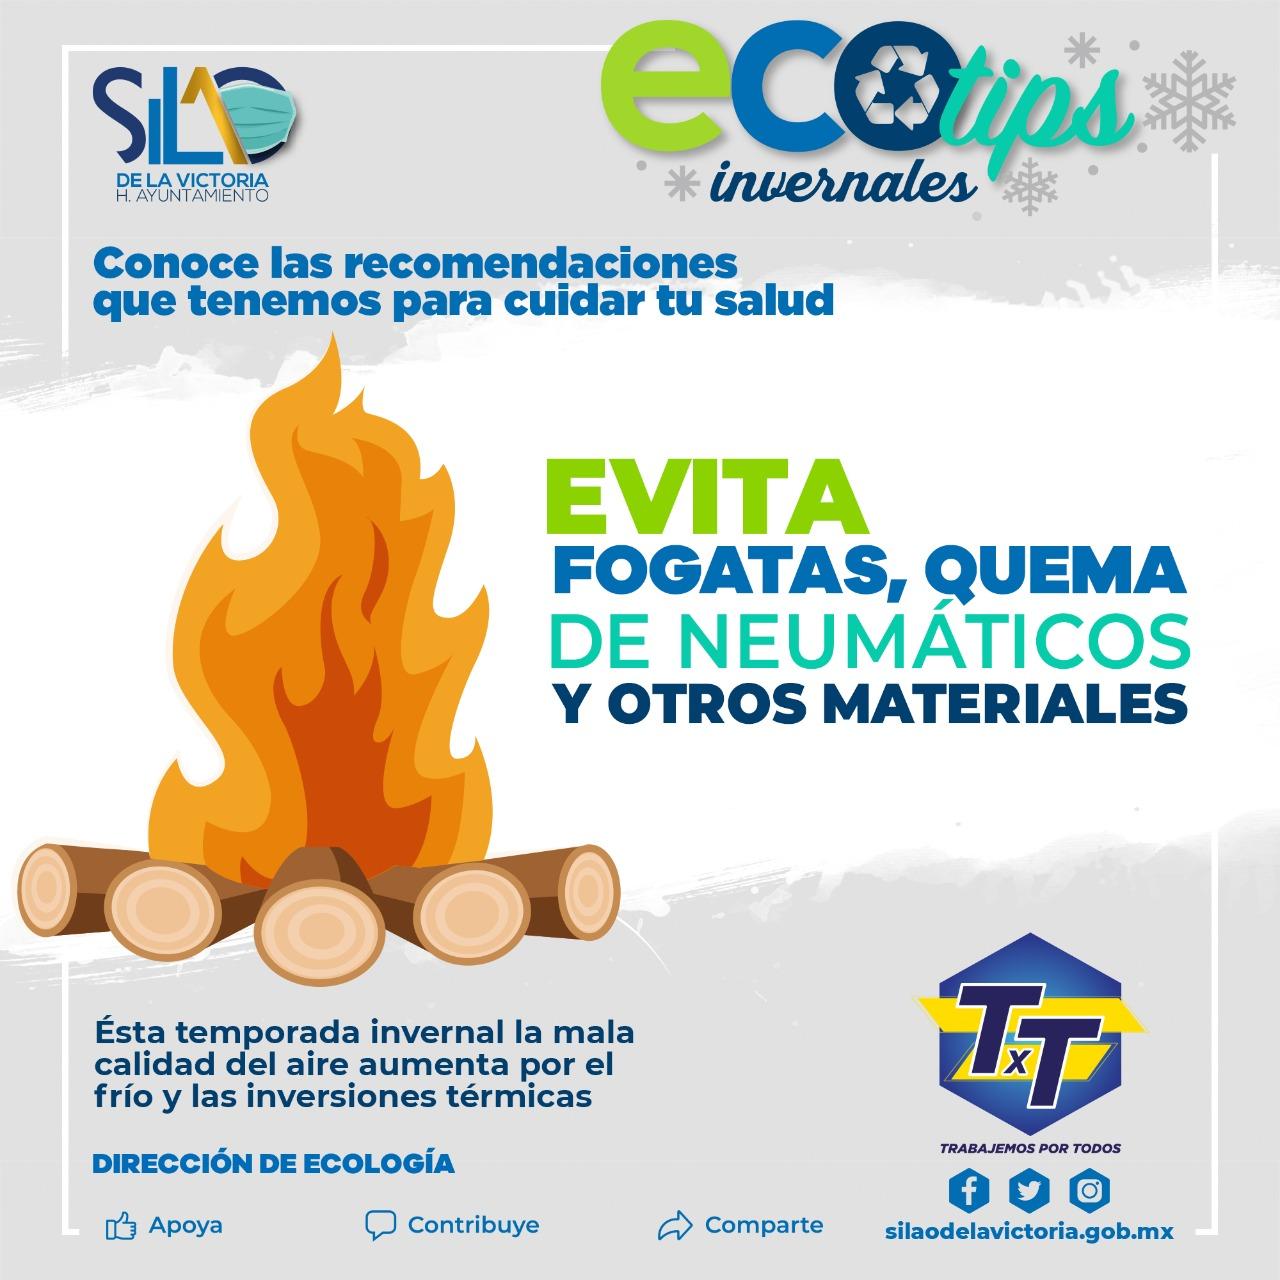 Promueven el cuidado del medio ambiente para evitar incendios